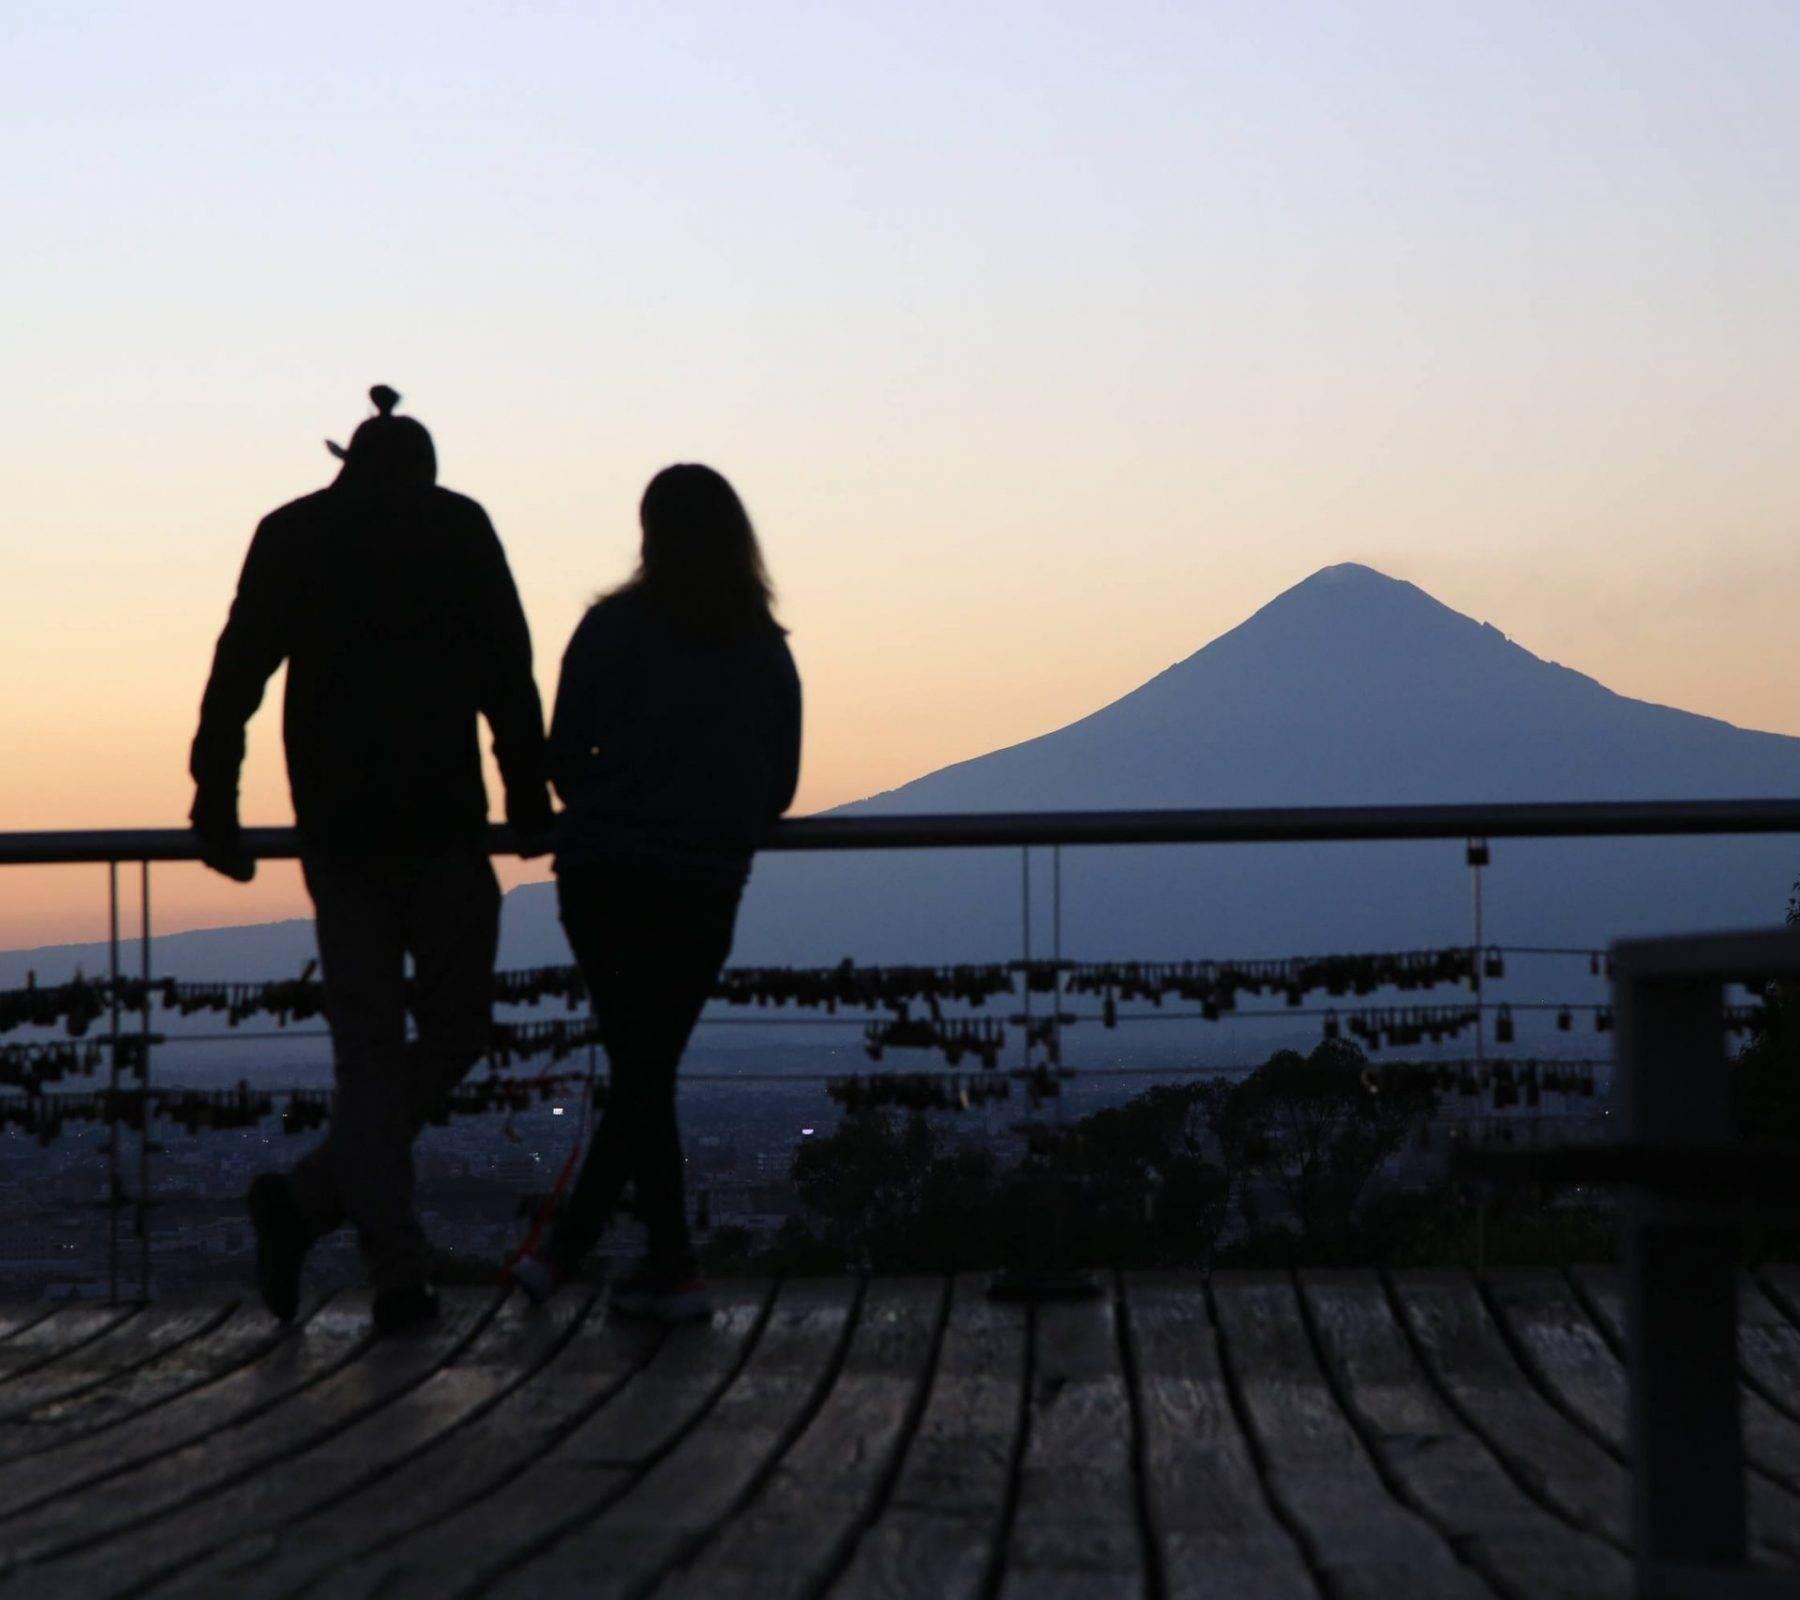 Los fuertes es uno de los lugares donde puedes romancer a gusto en pareja.